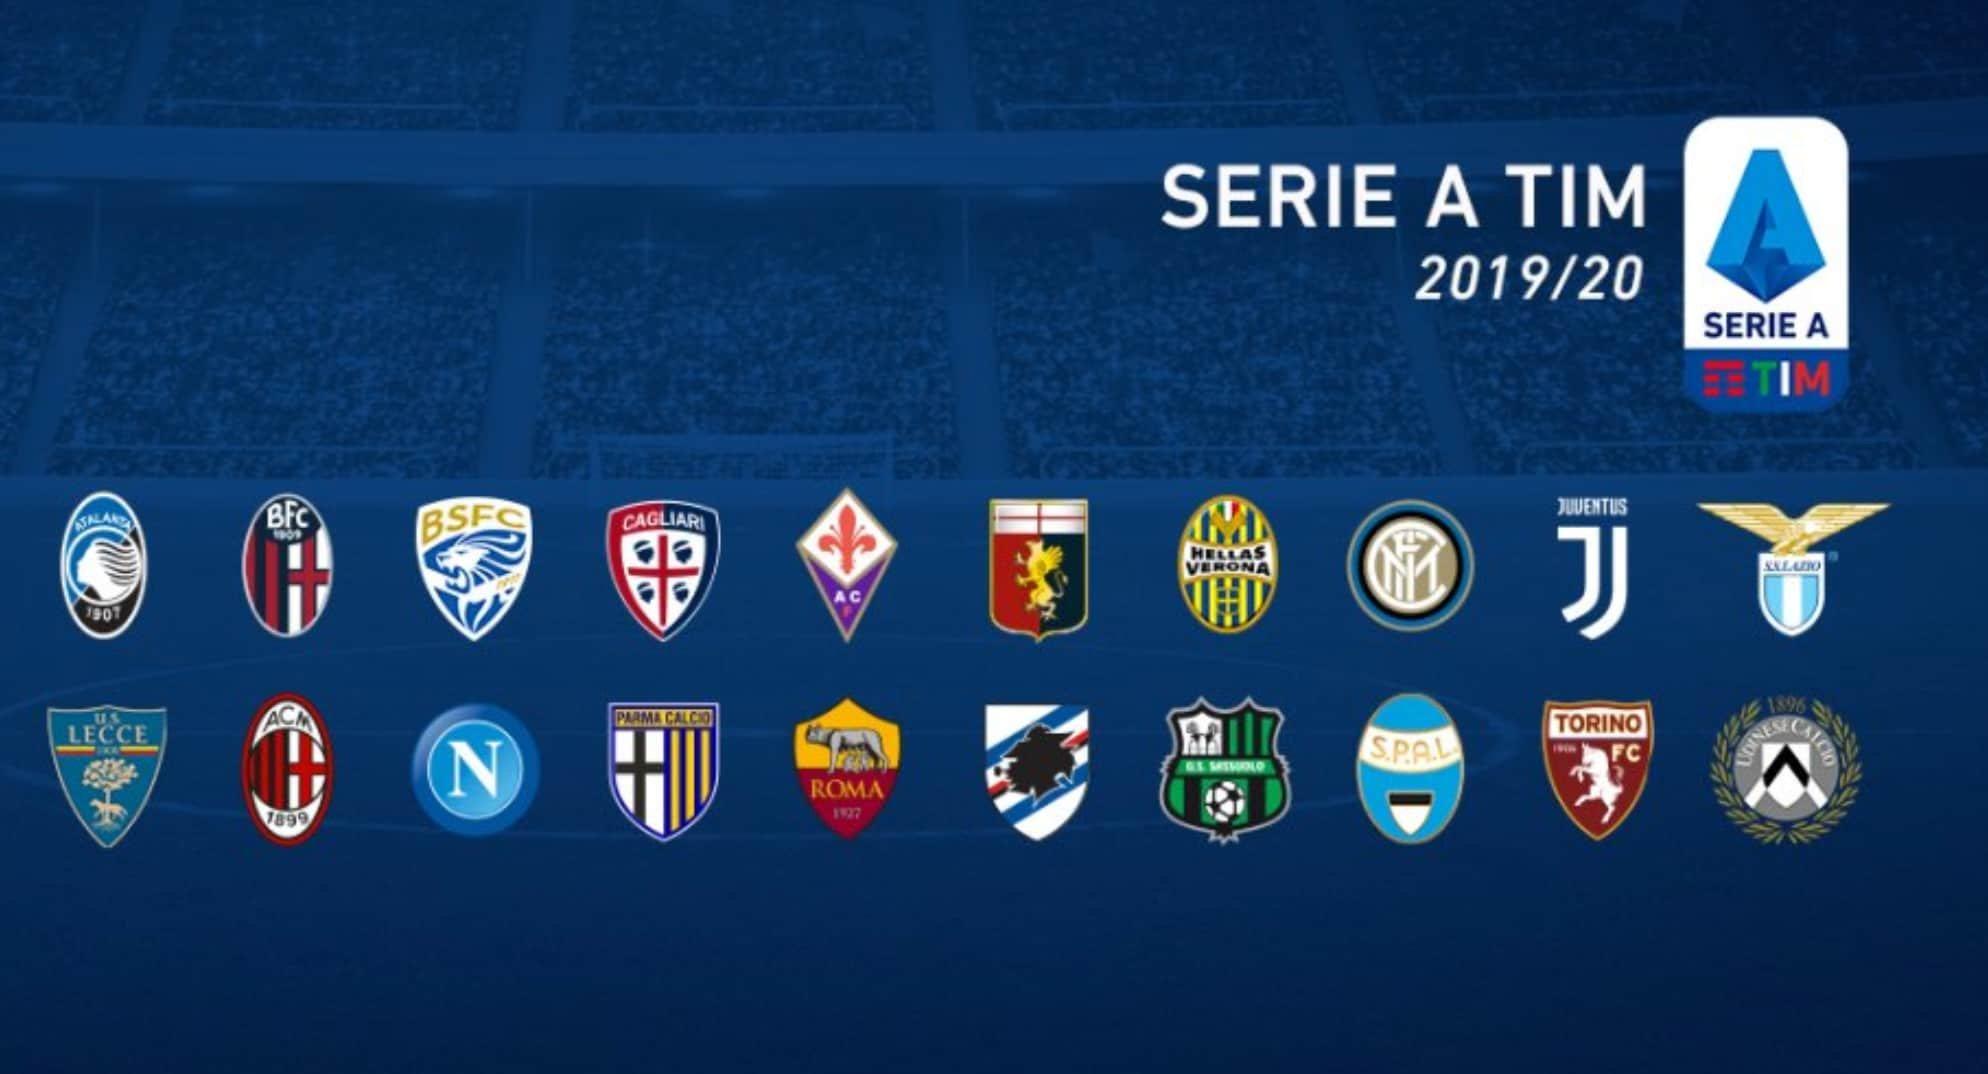 Us Lecce Calendario.Calendario Serie A Alla Prima Giornata Inter Lecce